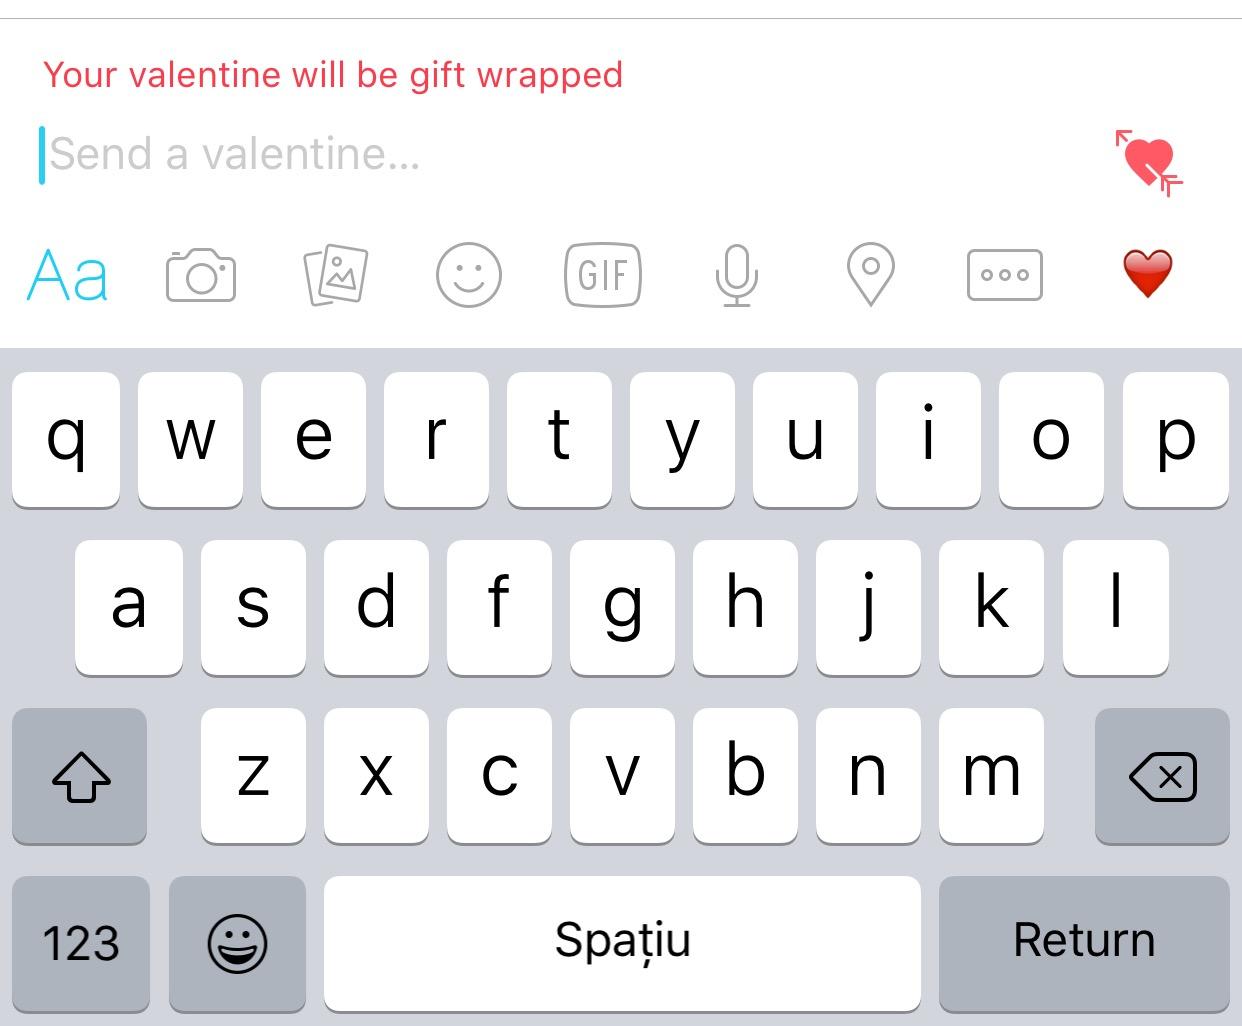 Facebook Messenger Valentine's Day 2016